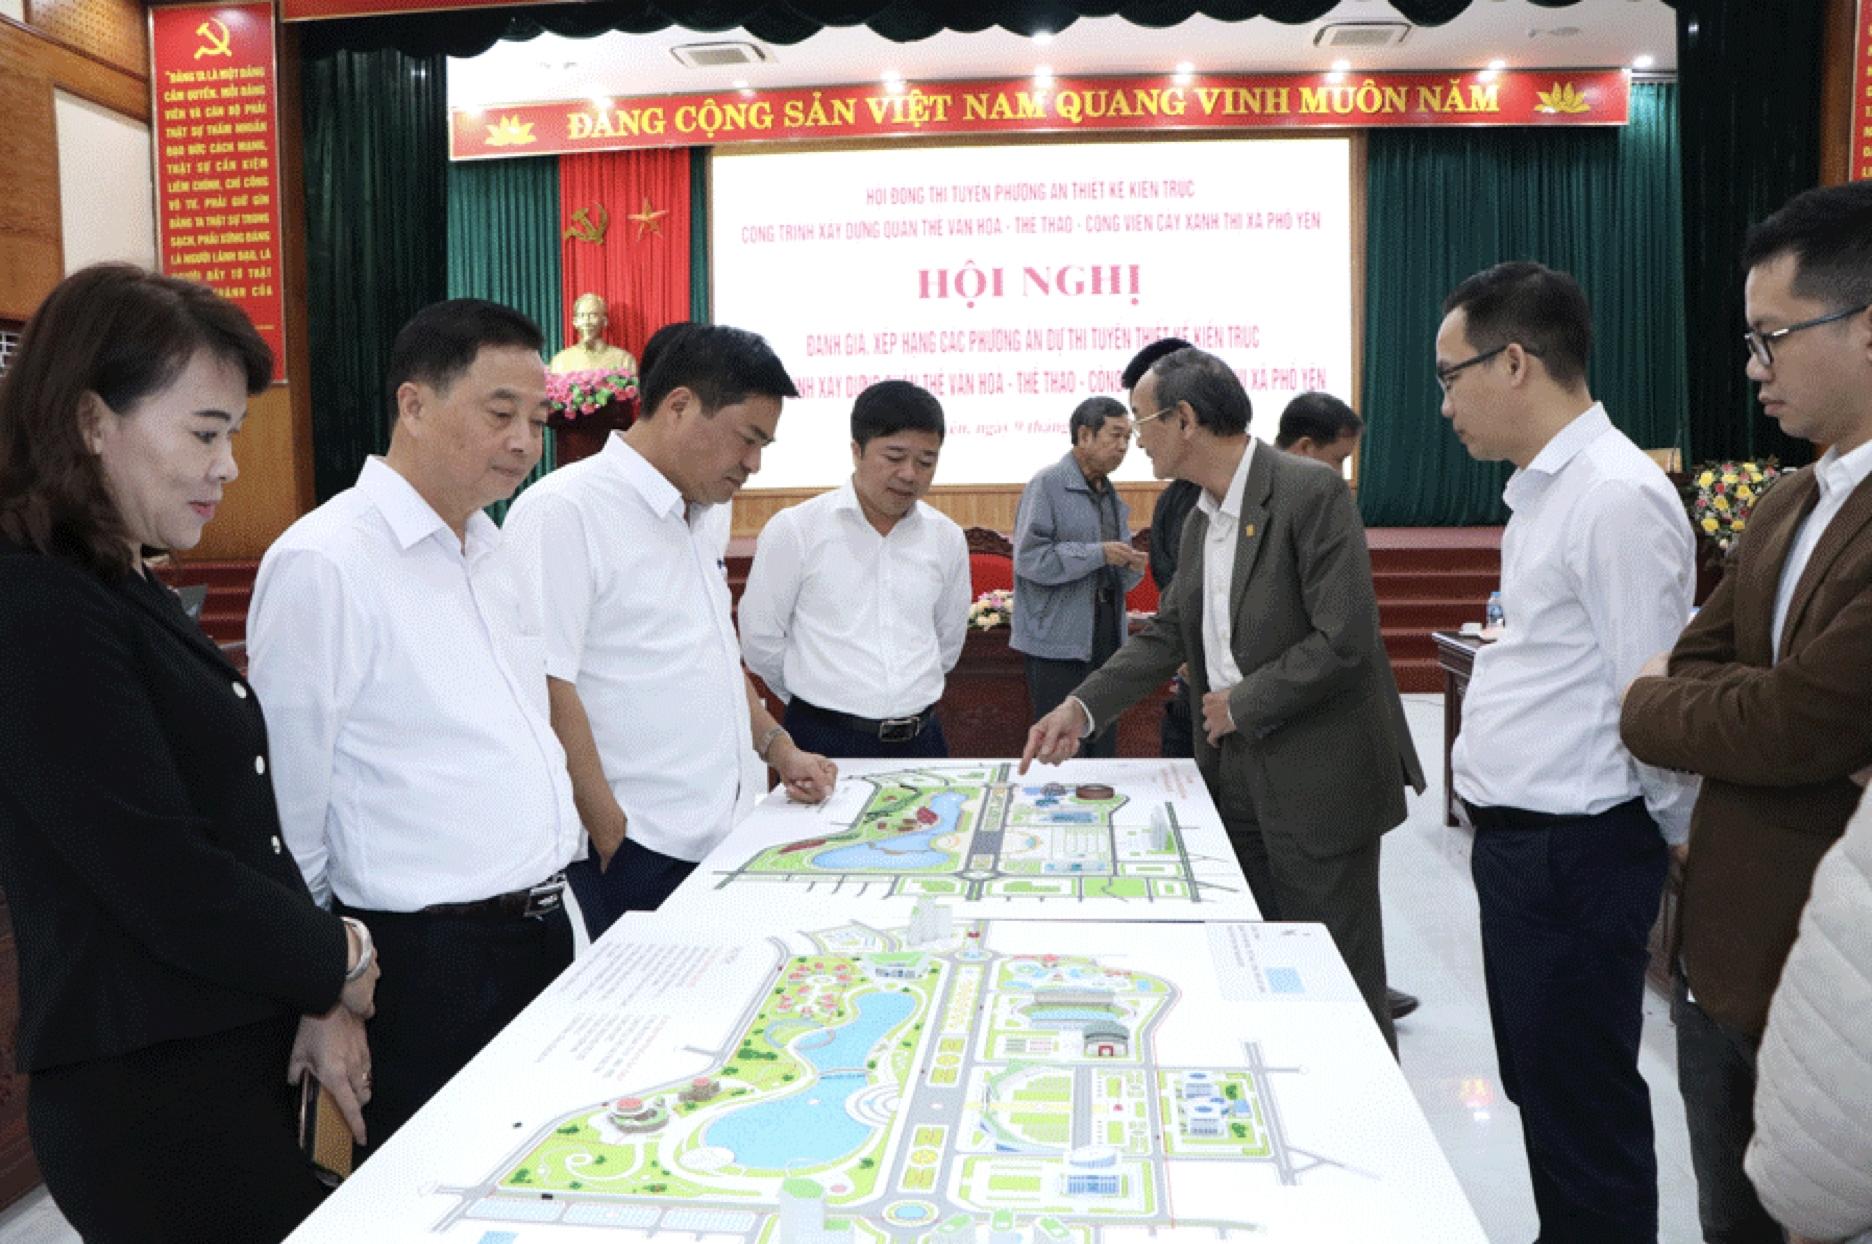 Thái Nguyên: TAC giành giải Nhất thi tuyển thiết kế kiến trúc công trình xây dựng quần thể văn hóa - thể thao - công viên cây xanh thị xã Phổ Yên